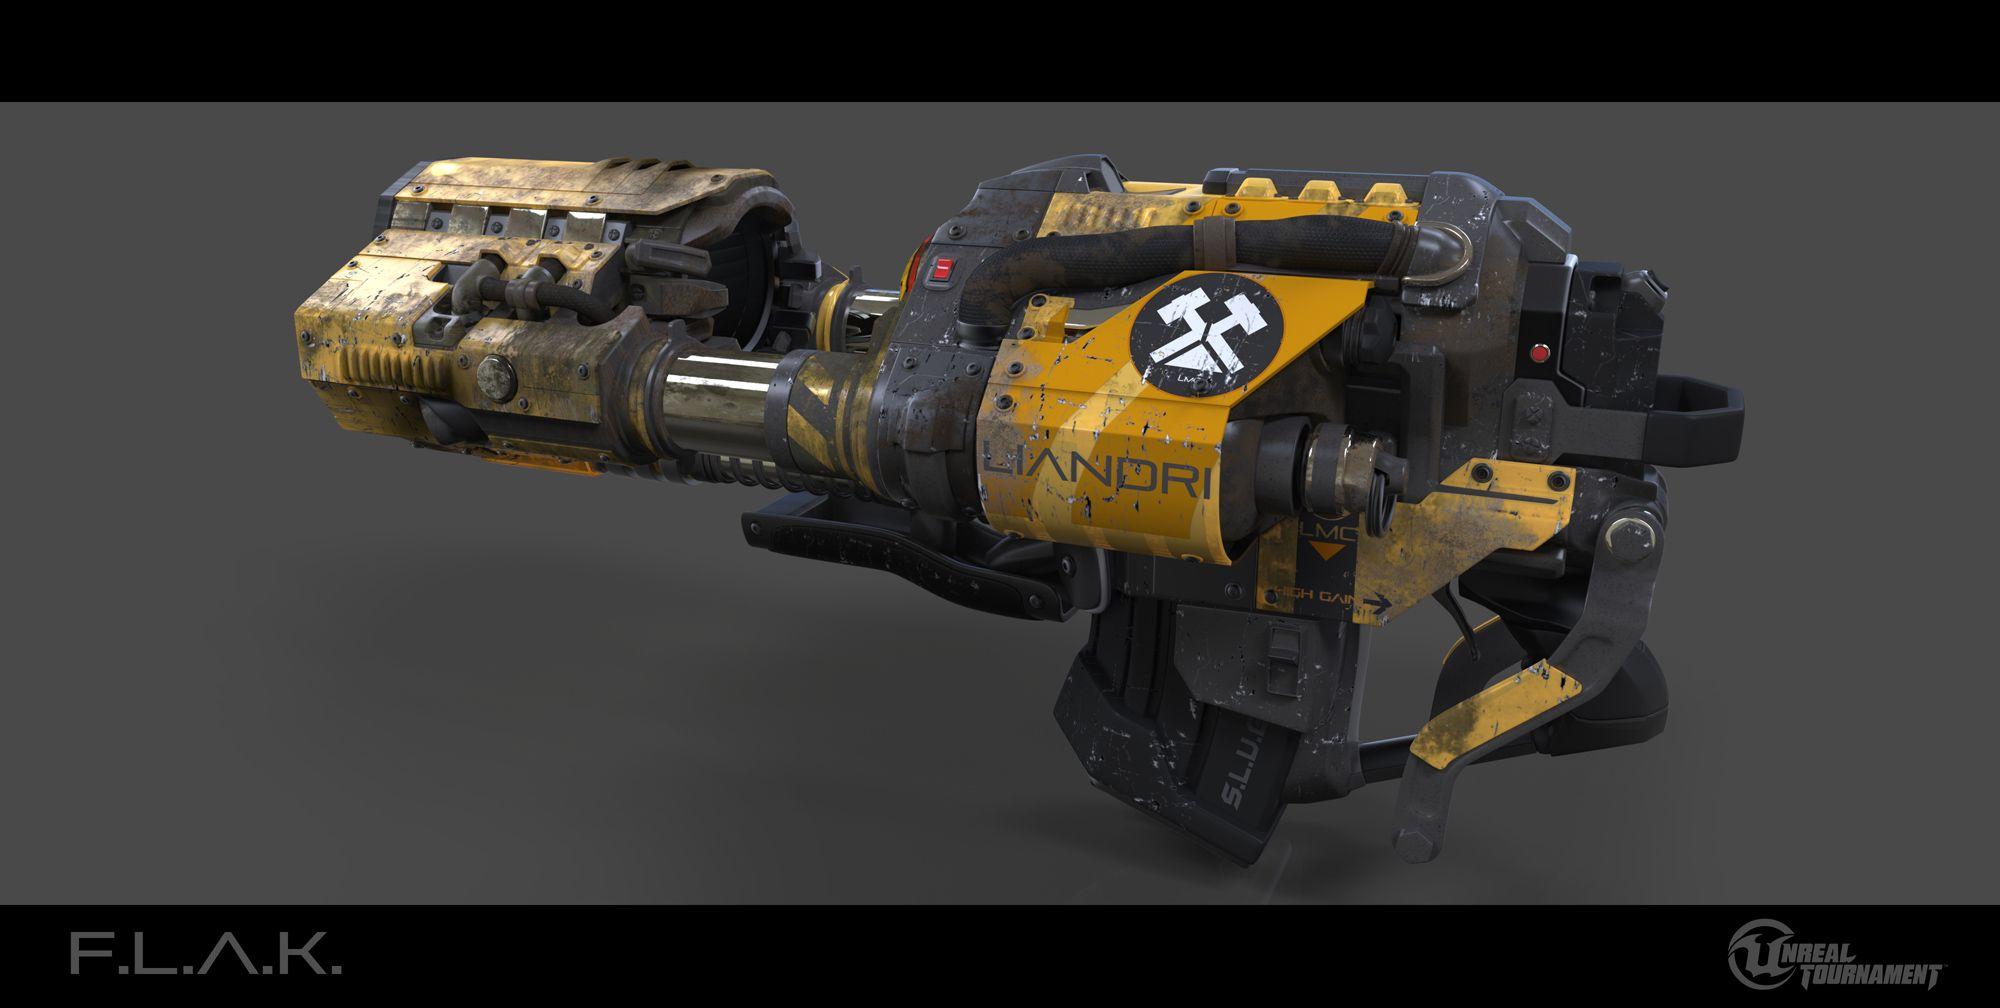 Official Flak Cannon | Unreal Tournament Development